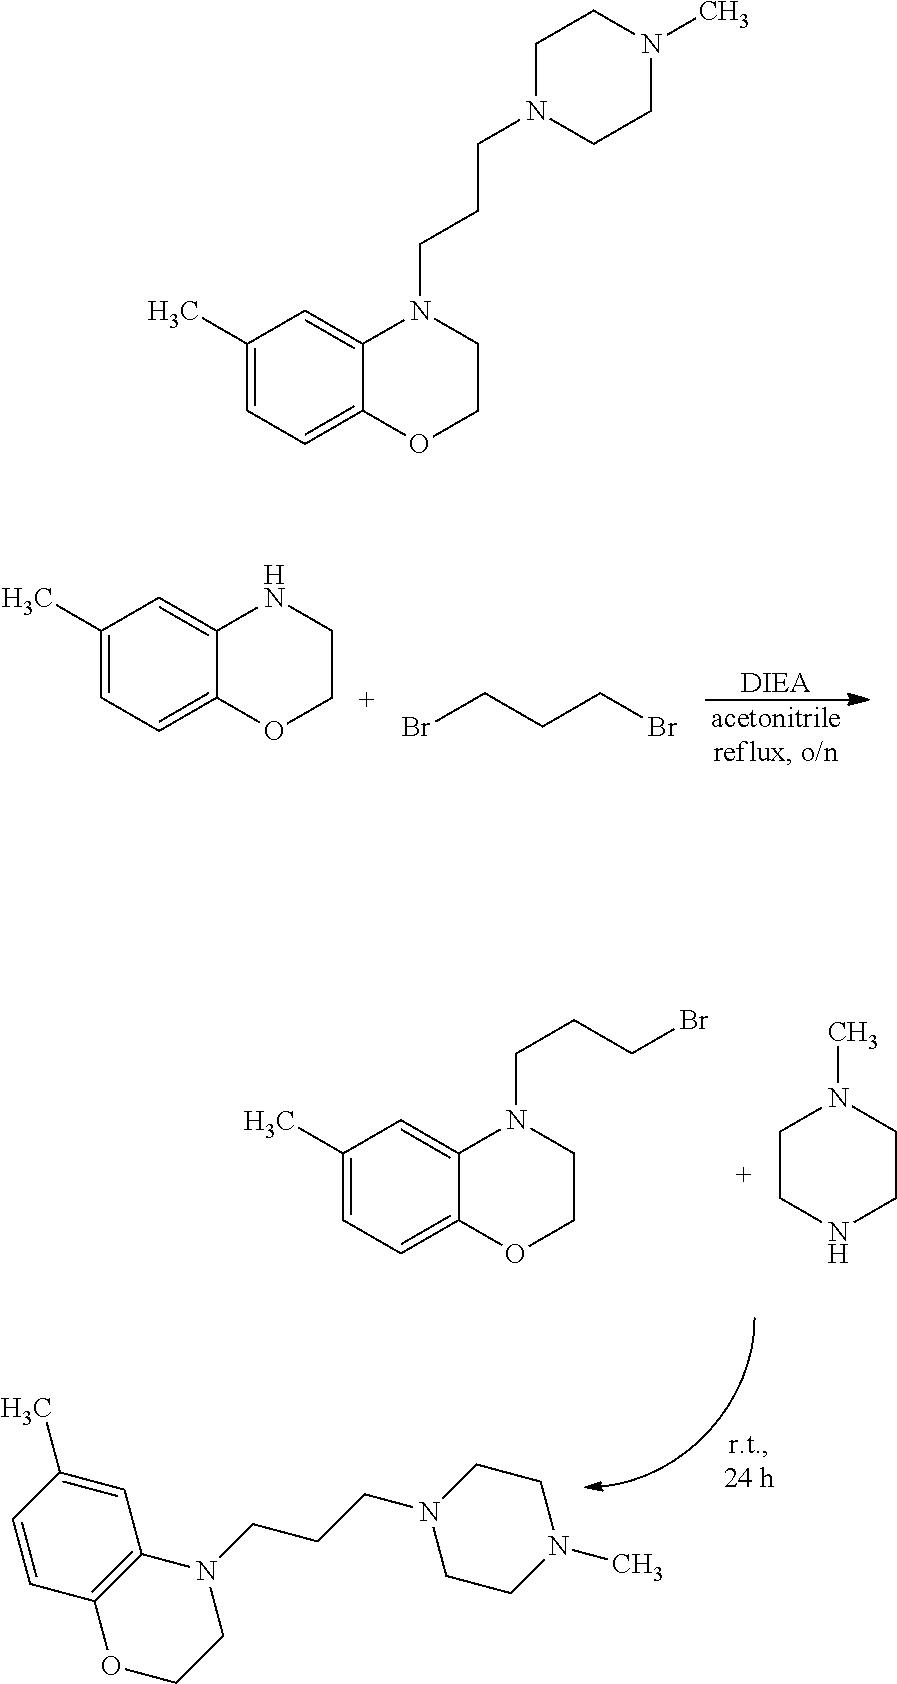 Figure US20190106394A1-20190411-C00106